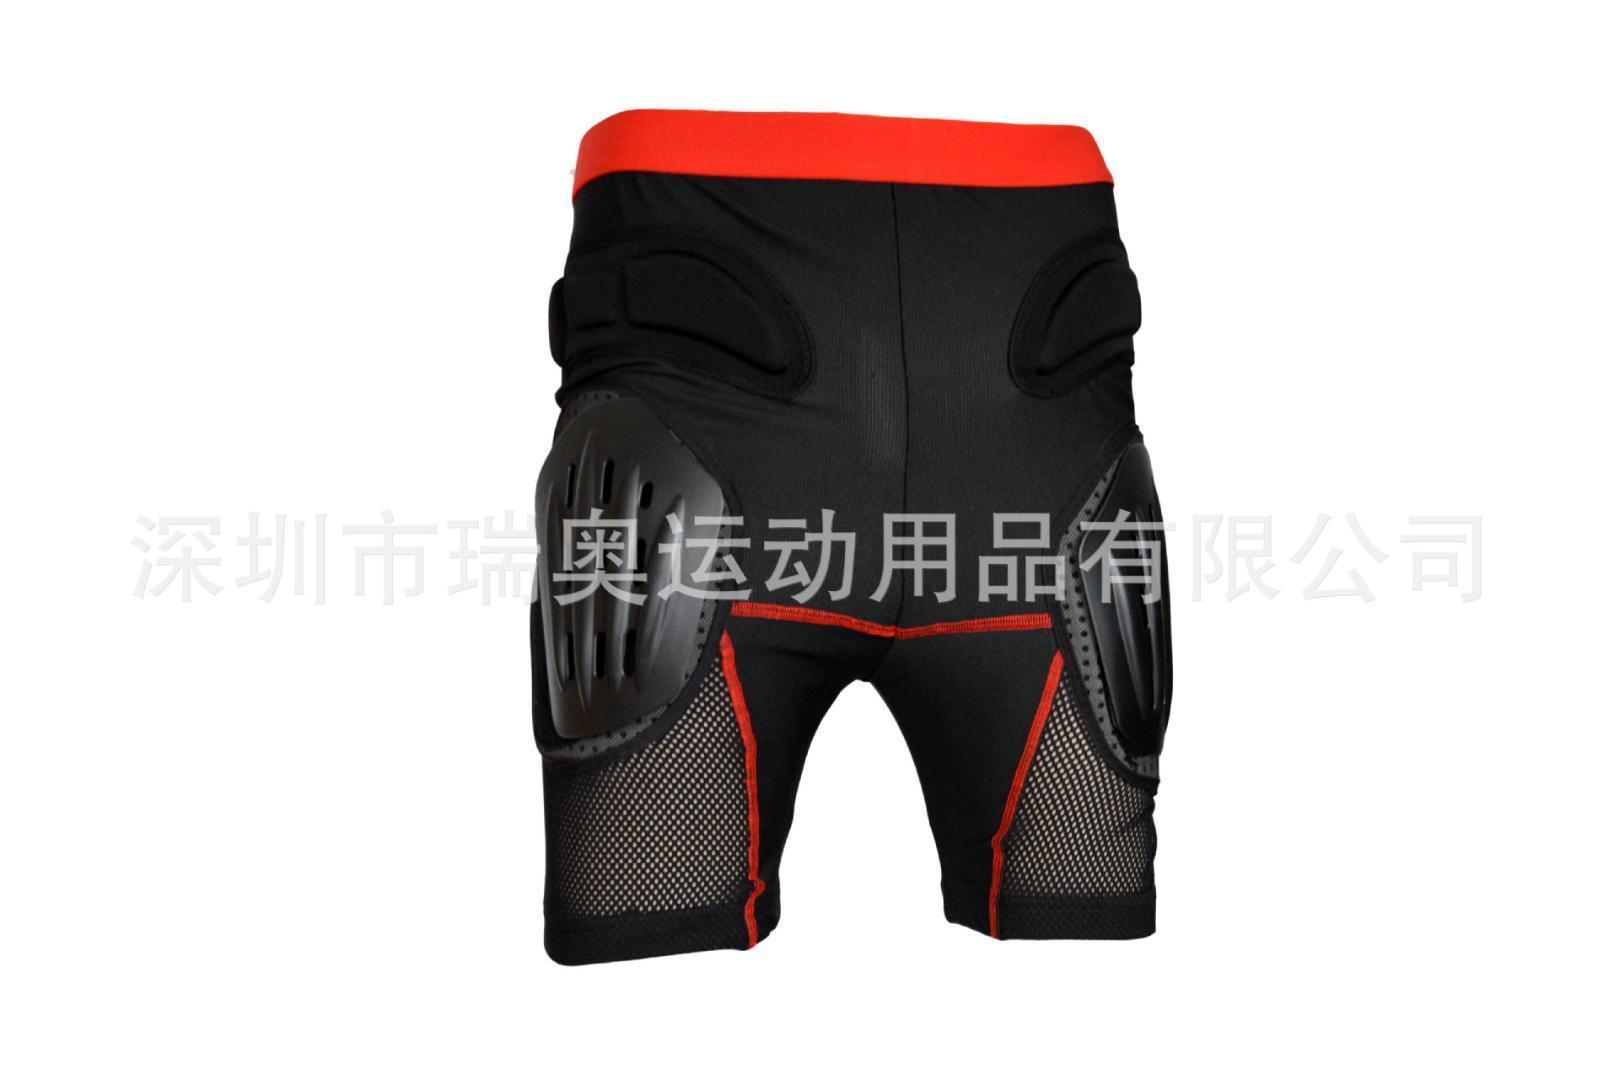 pantolonunuza Ski pateni pateni bezini bisiklet bebek bezi pantolon Sert tozluk yarış Yeni motosiklet